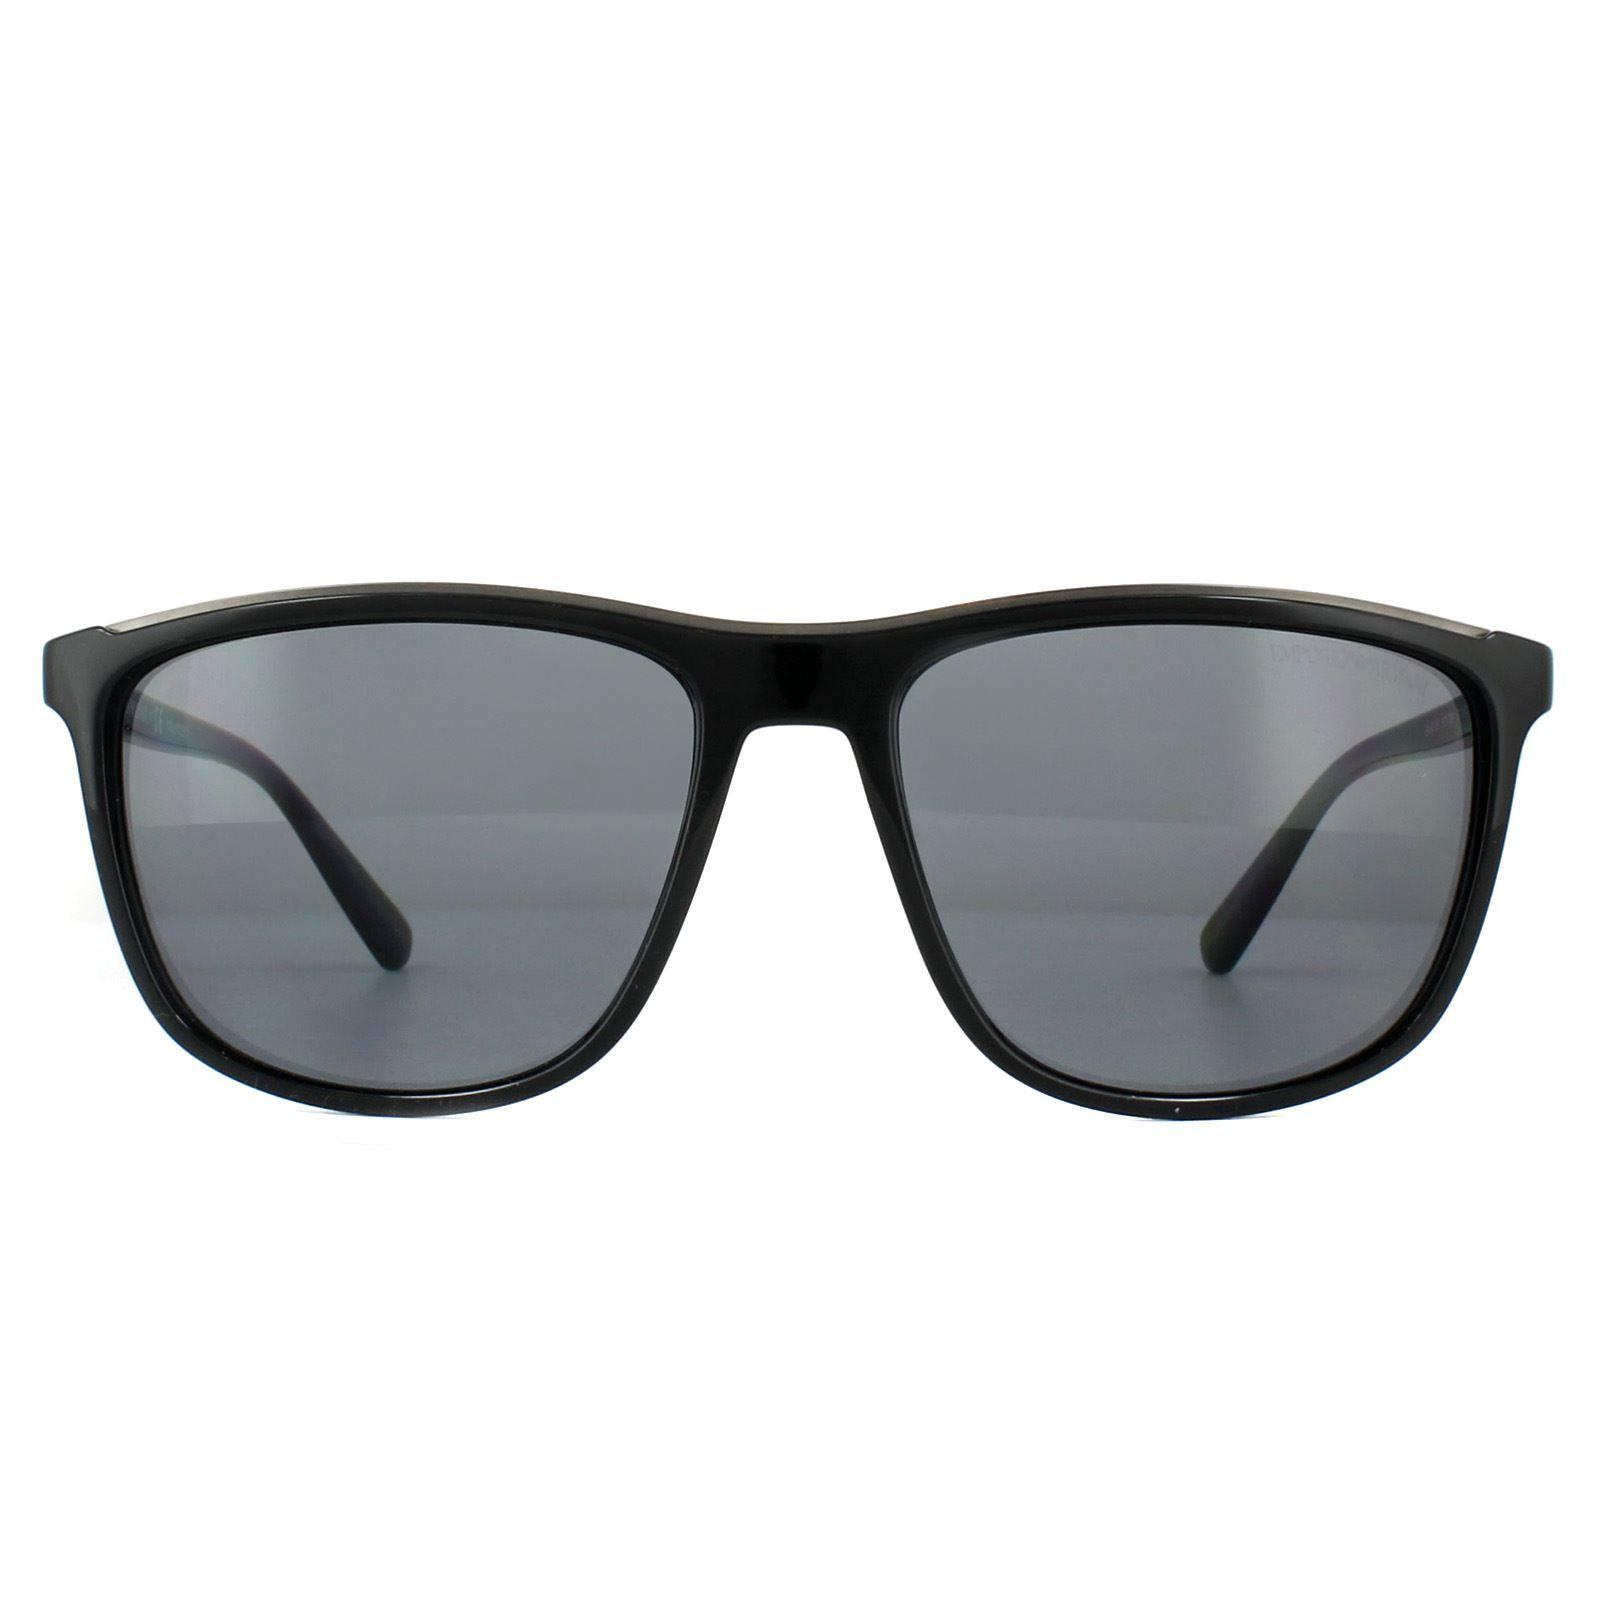 Emporio Armani Sunglasses EA4109 501781 Black Grey Polarized